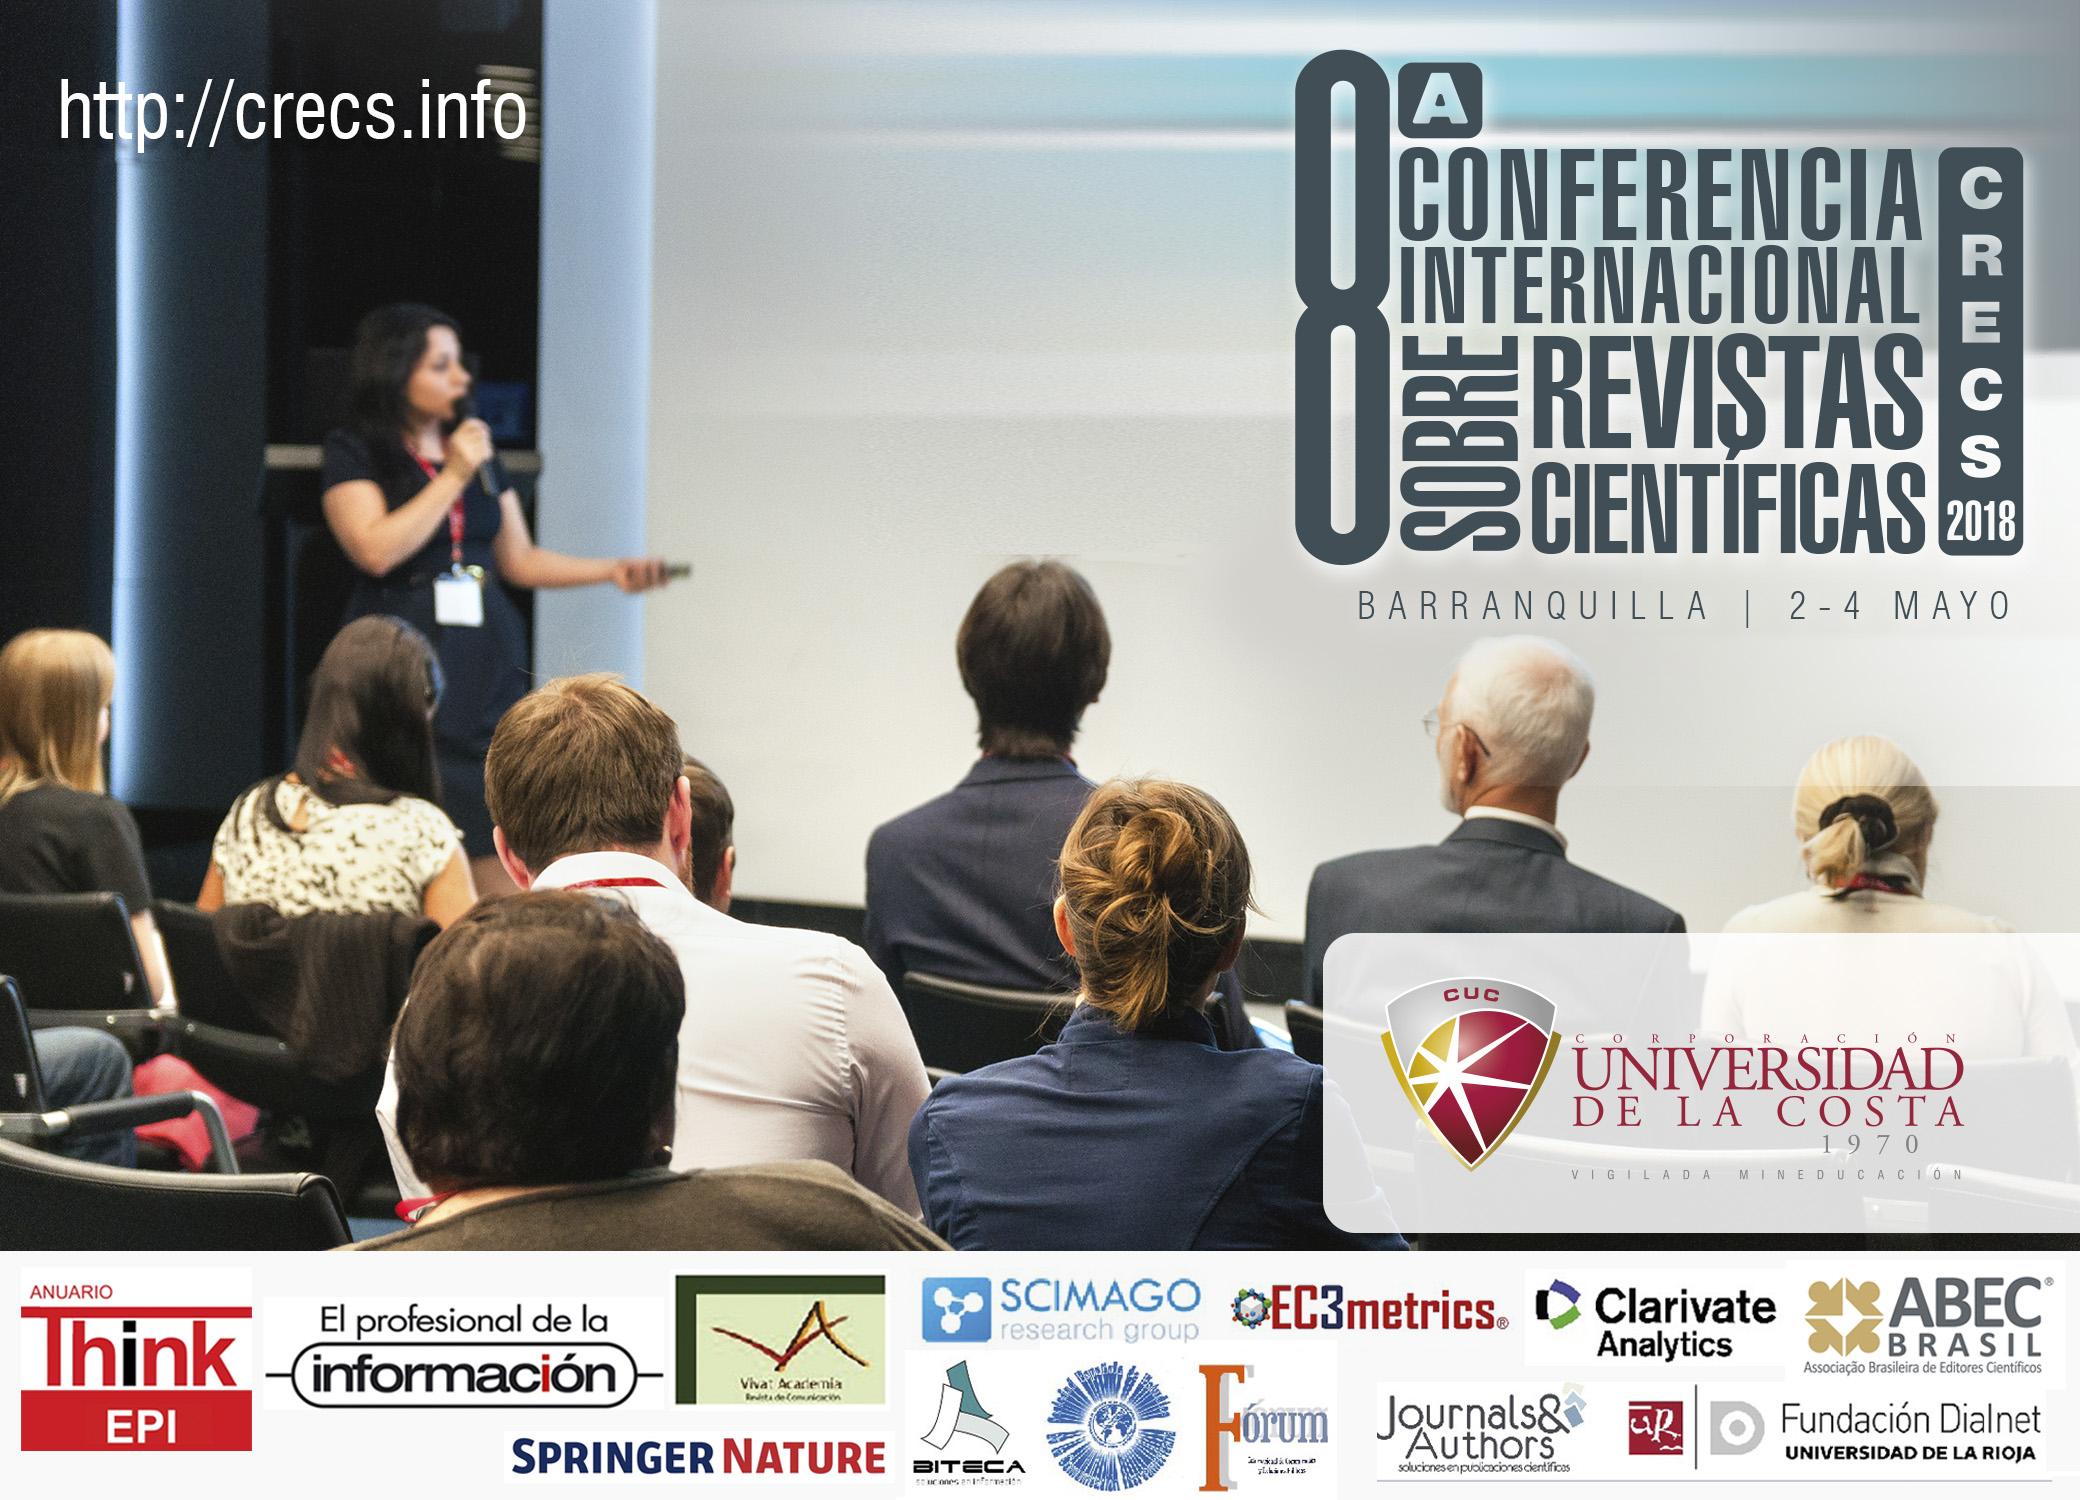 8vA CONFERENCIA INTERNACIONAL SOBRE REVISTAS CIENTIFICAS CRECS 2018